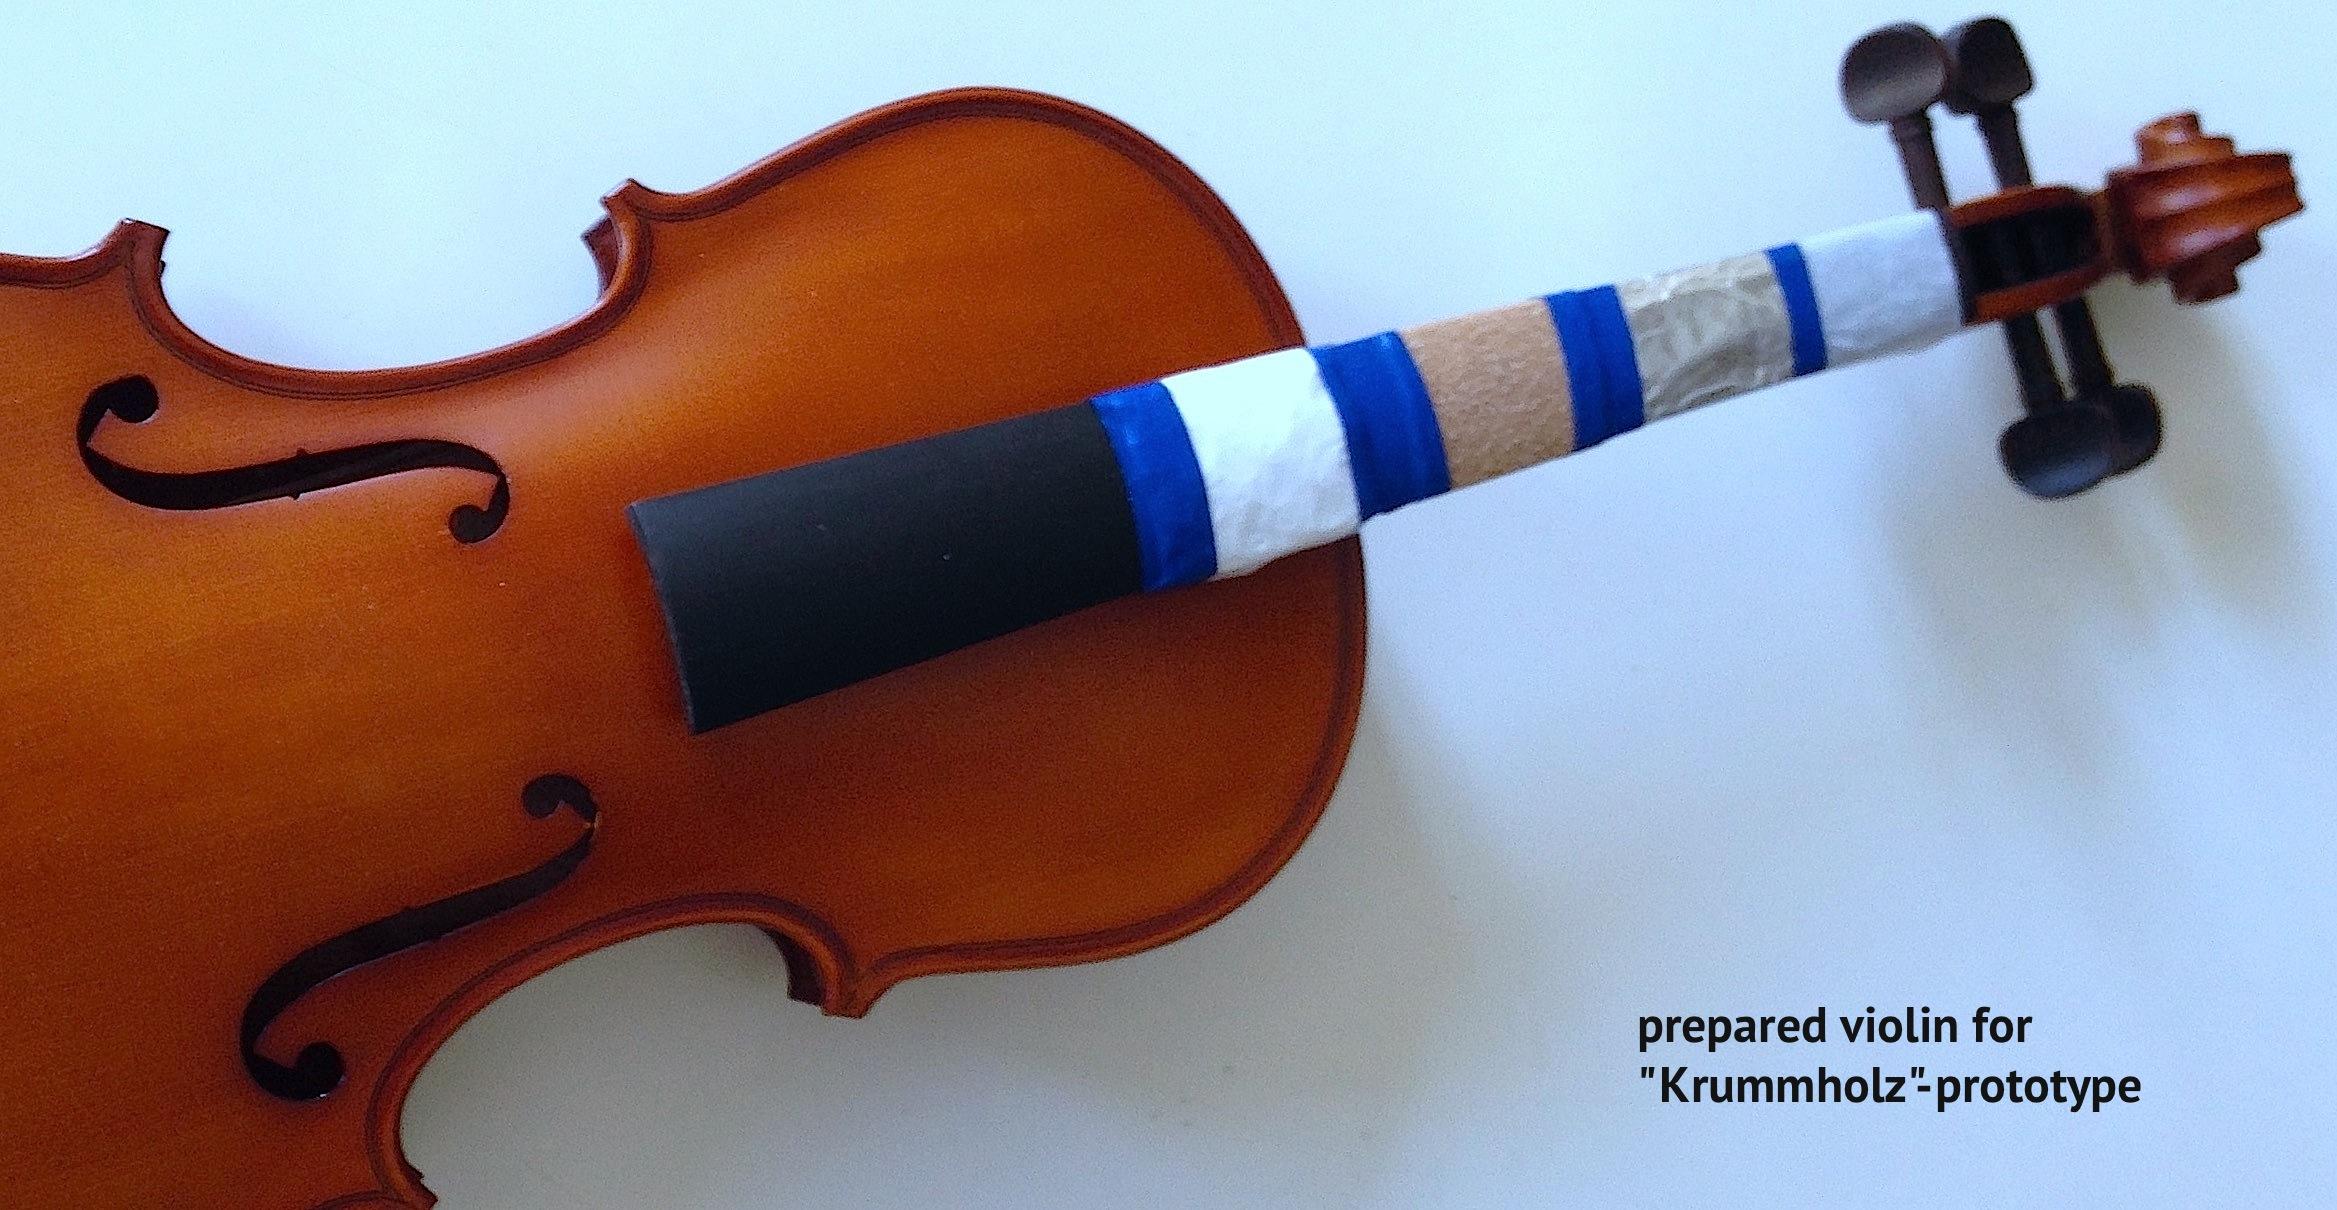 Prepared-violin-didascalia